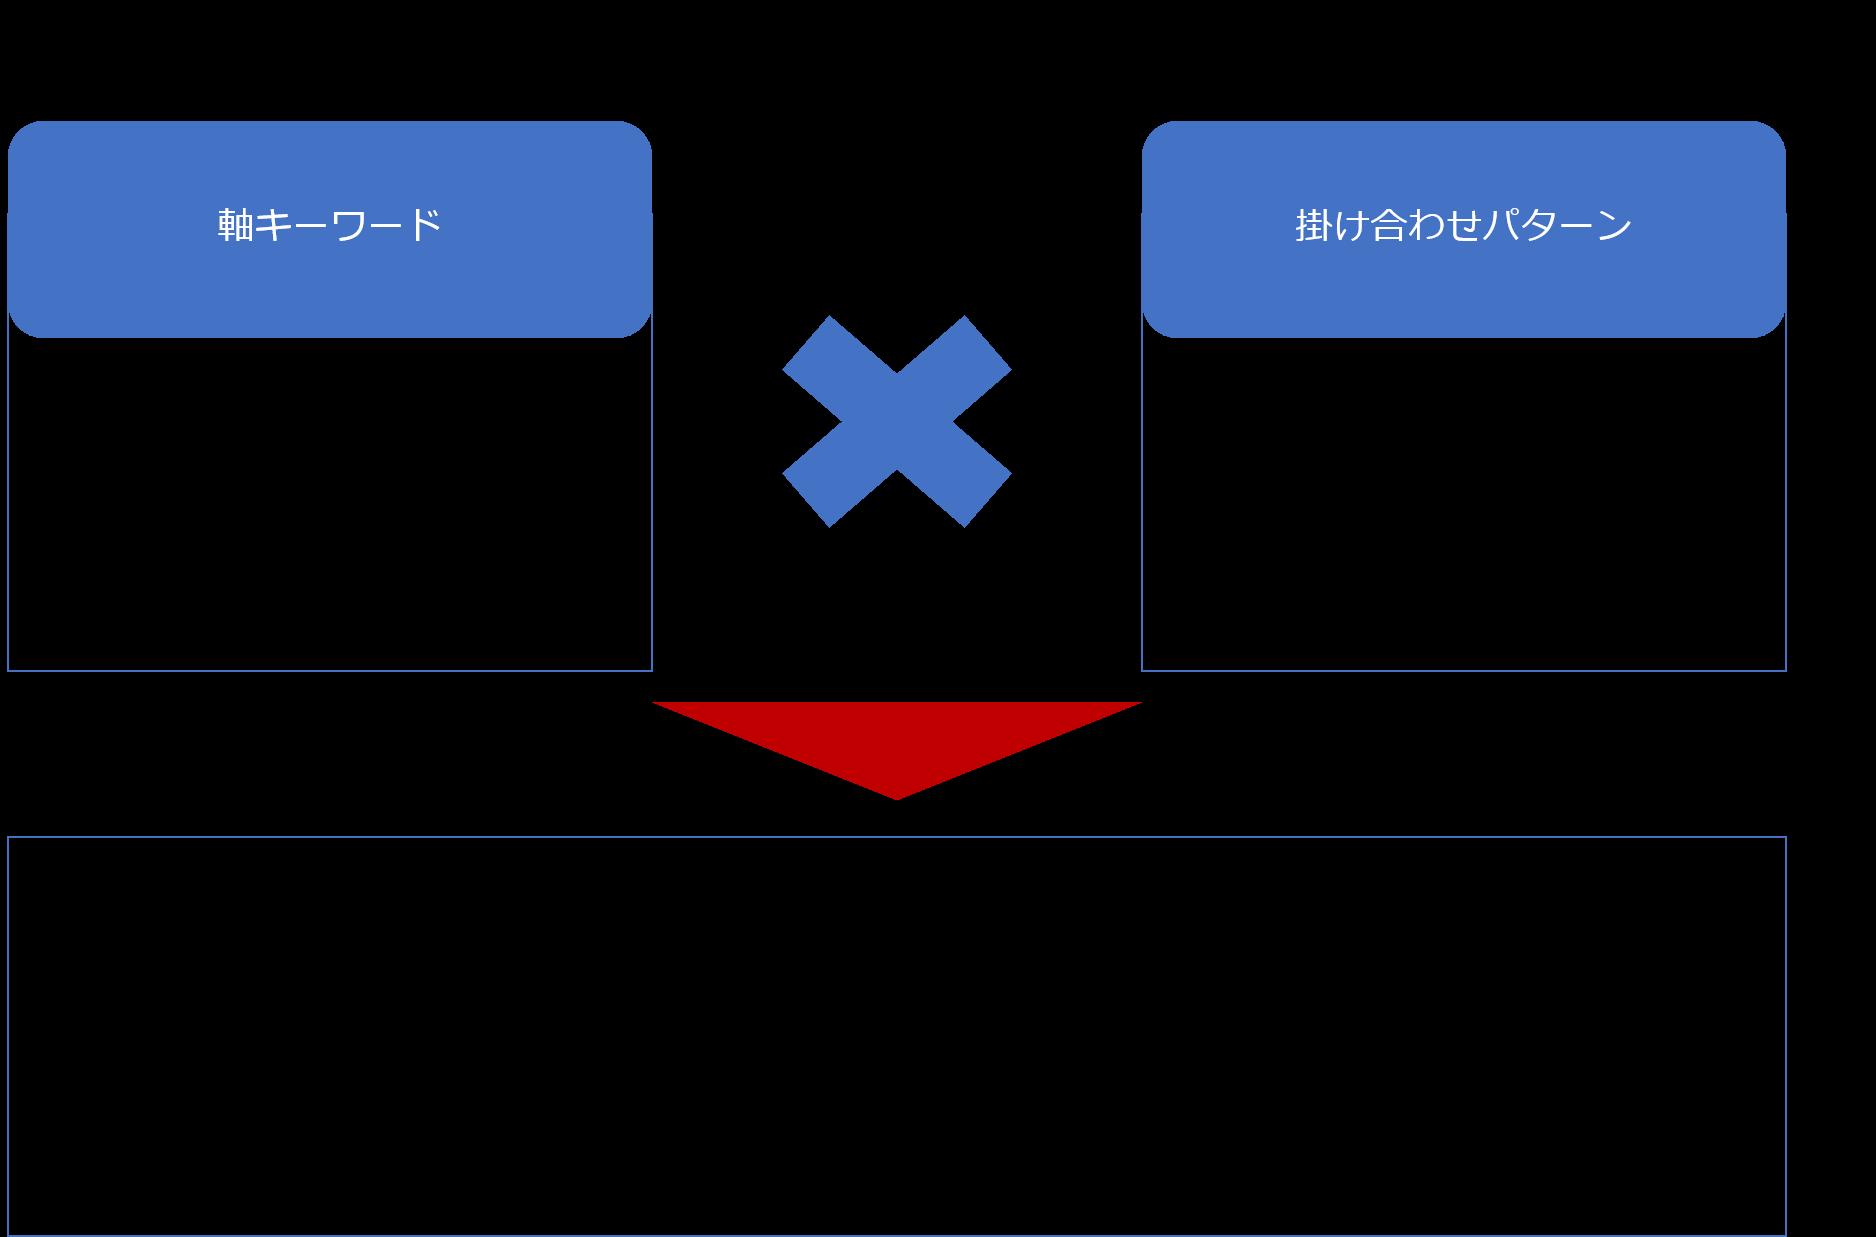 キーワードの掛け合わせパターン